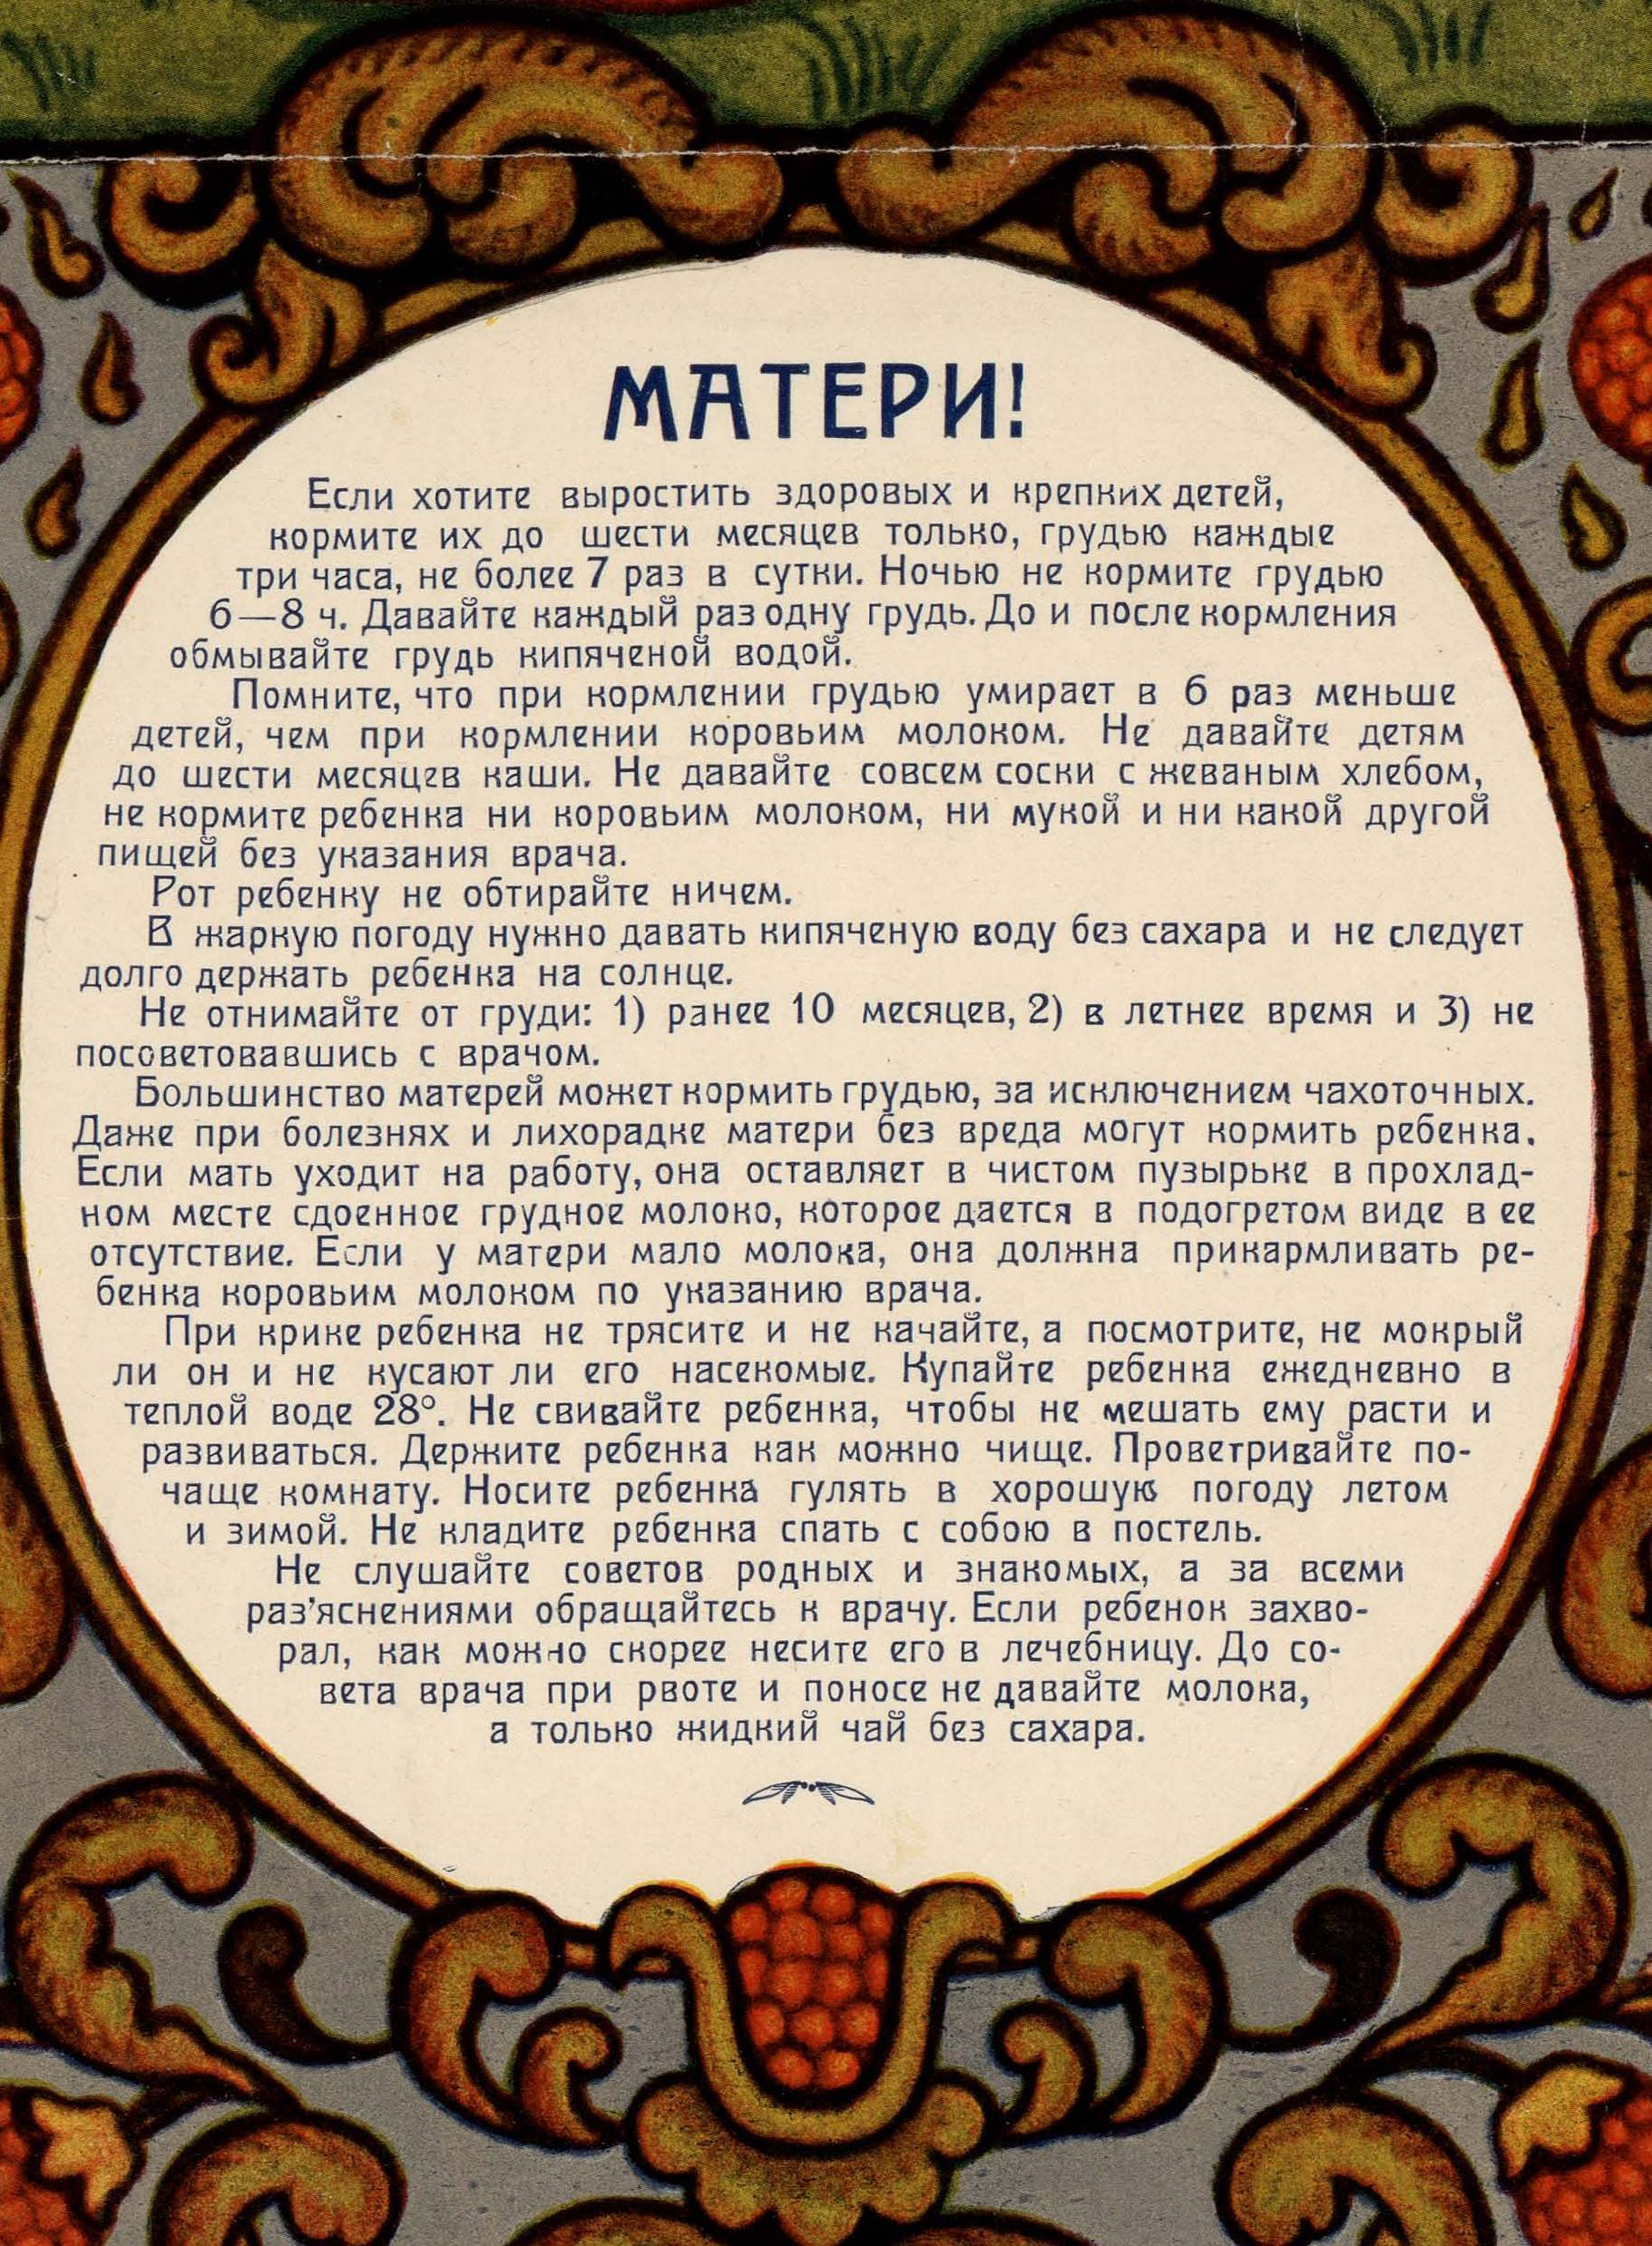 Ребенок 1.5 месяца плачет, когда беру на руки - запись пользователя sq (id834091) в сообществе развитие от рождения до года в категории взаимодействие ребенка с окружающими - babyblog.ru